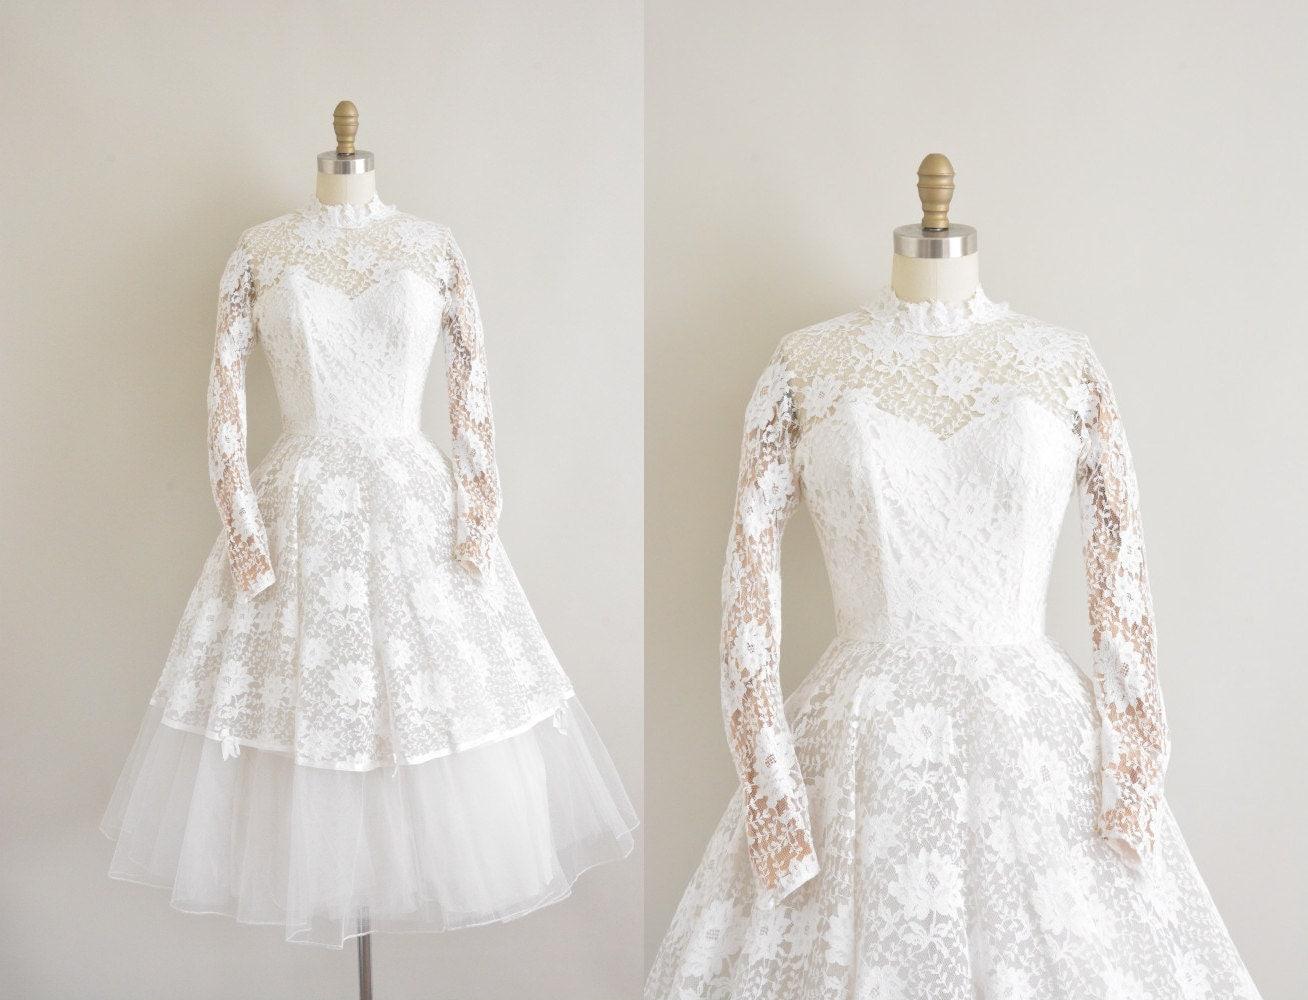 robe de mariée Vintage années 50 / 50 s blanc dentelle thé